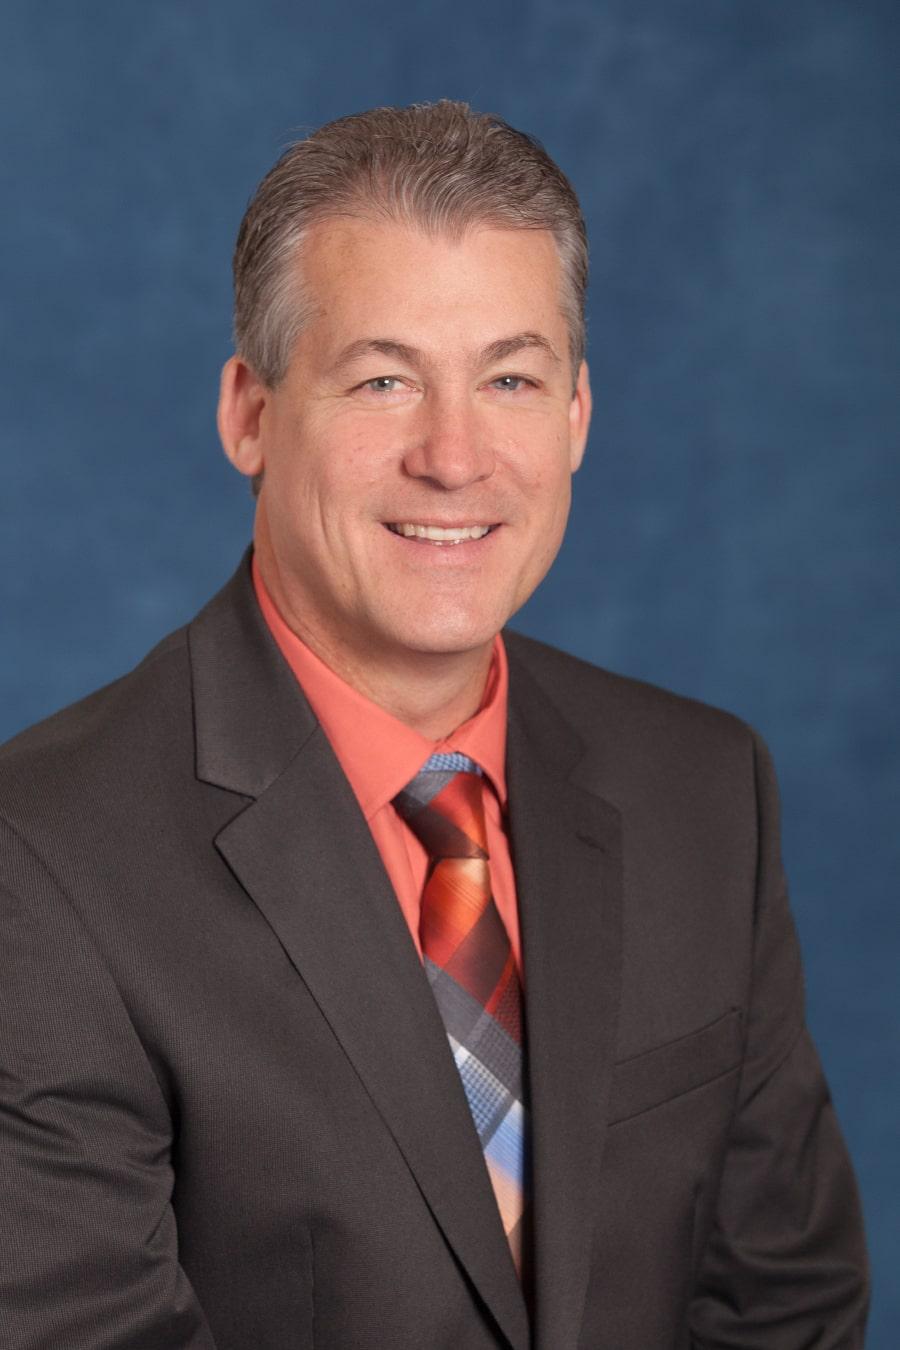 Mitch Volk